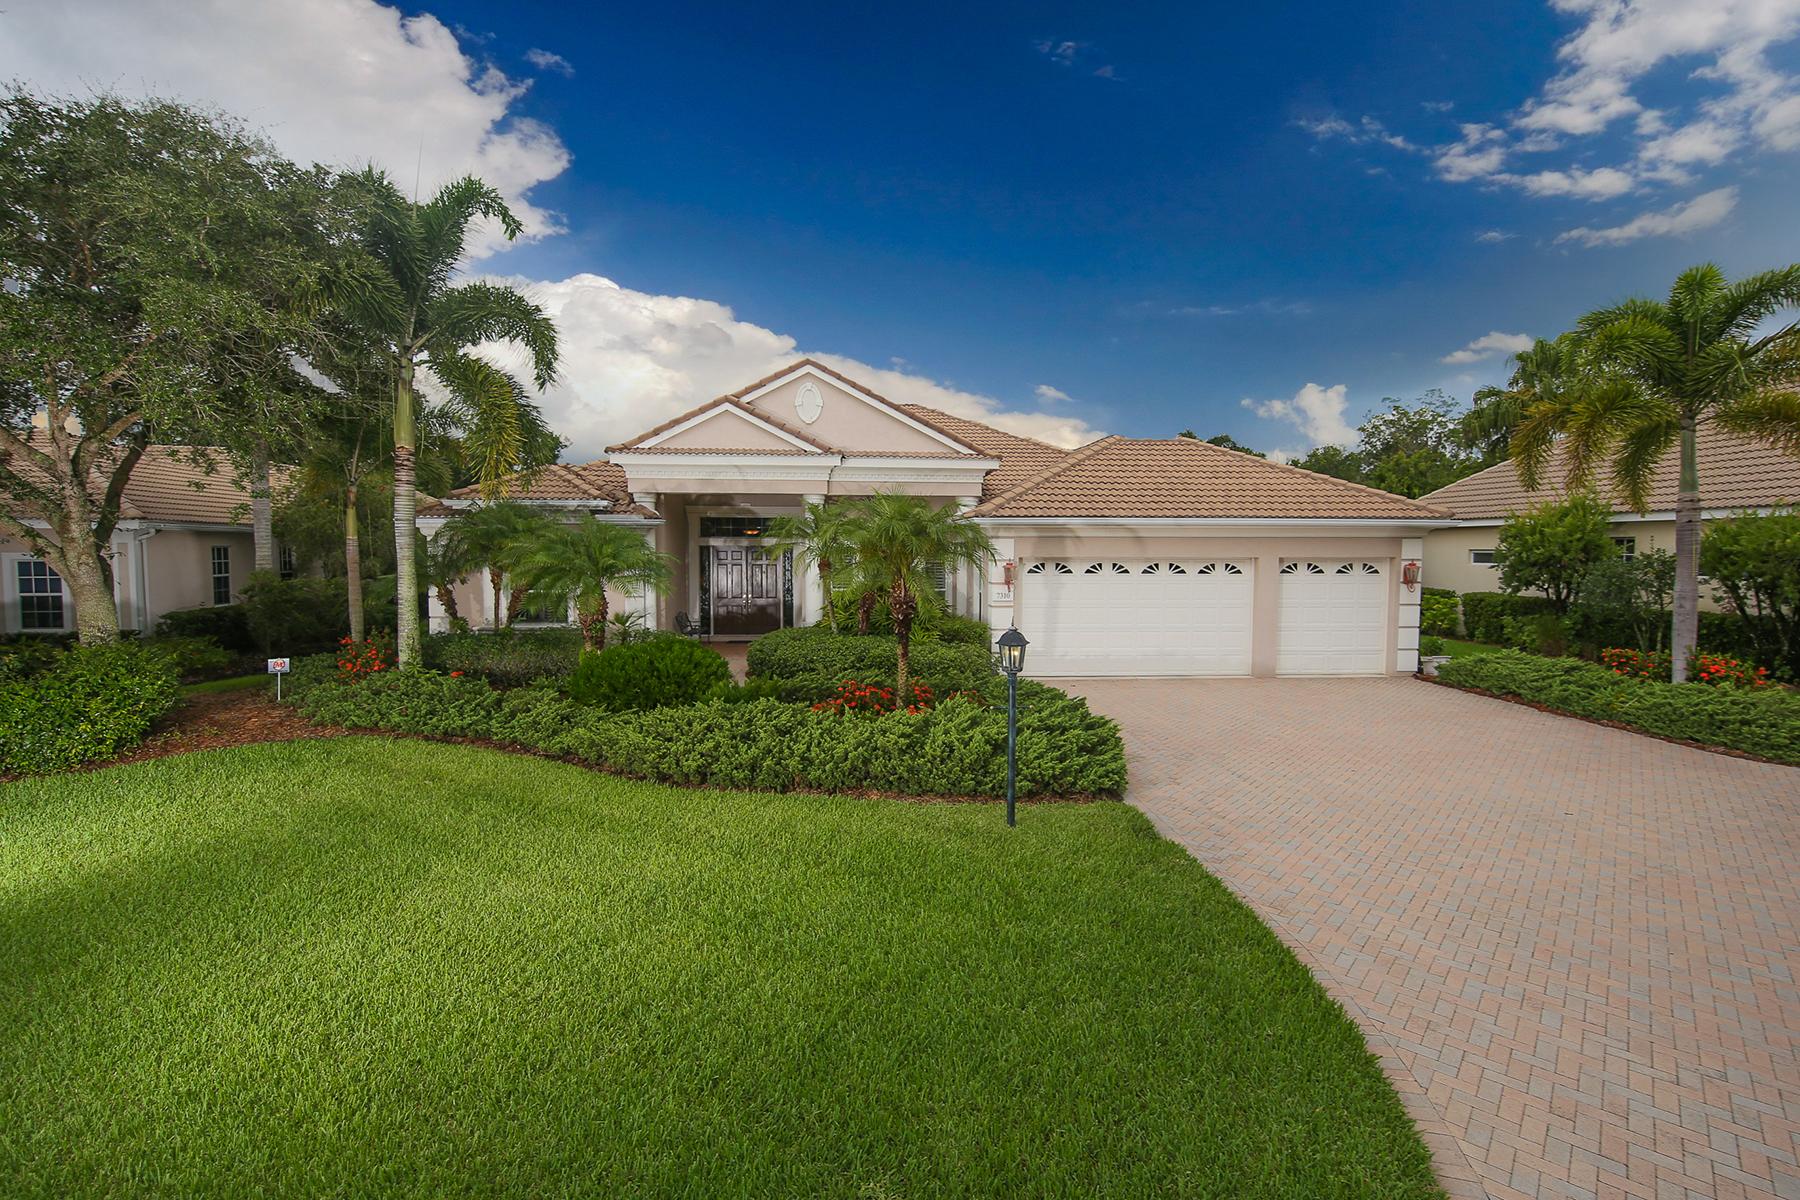 Maison unifamiliale pour l Vente à UNIVERSITY PARK COUNTRY CLUB 7310 Chatsworth Ct University Park, Florida 34201 États-Unis